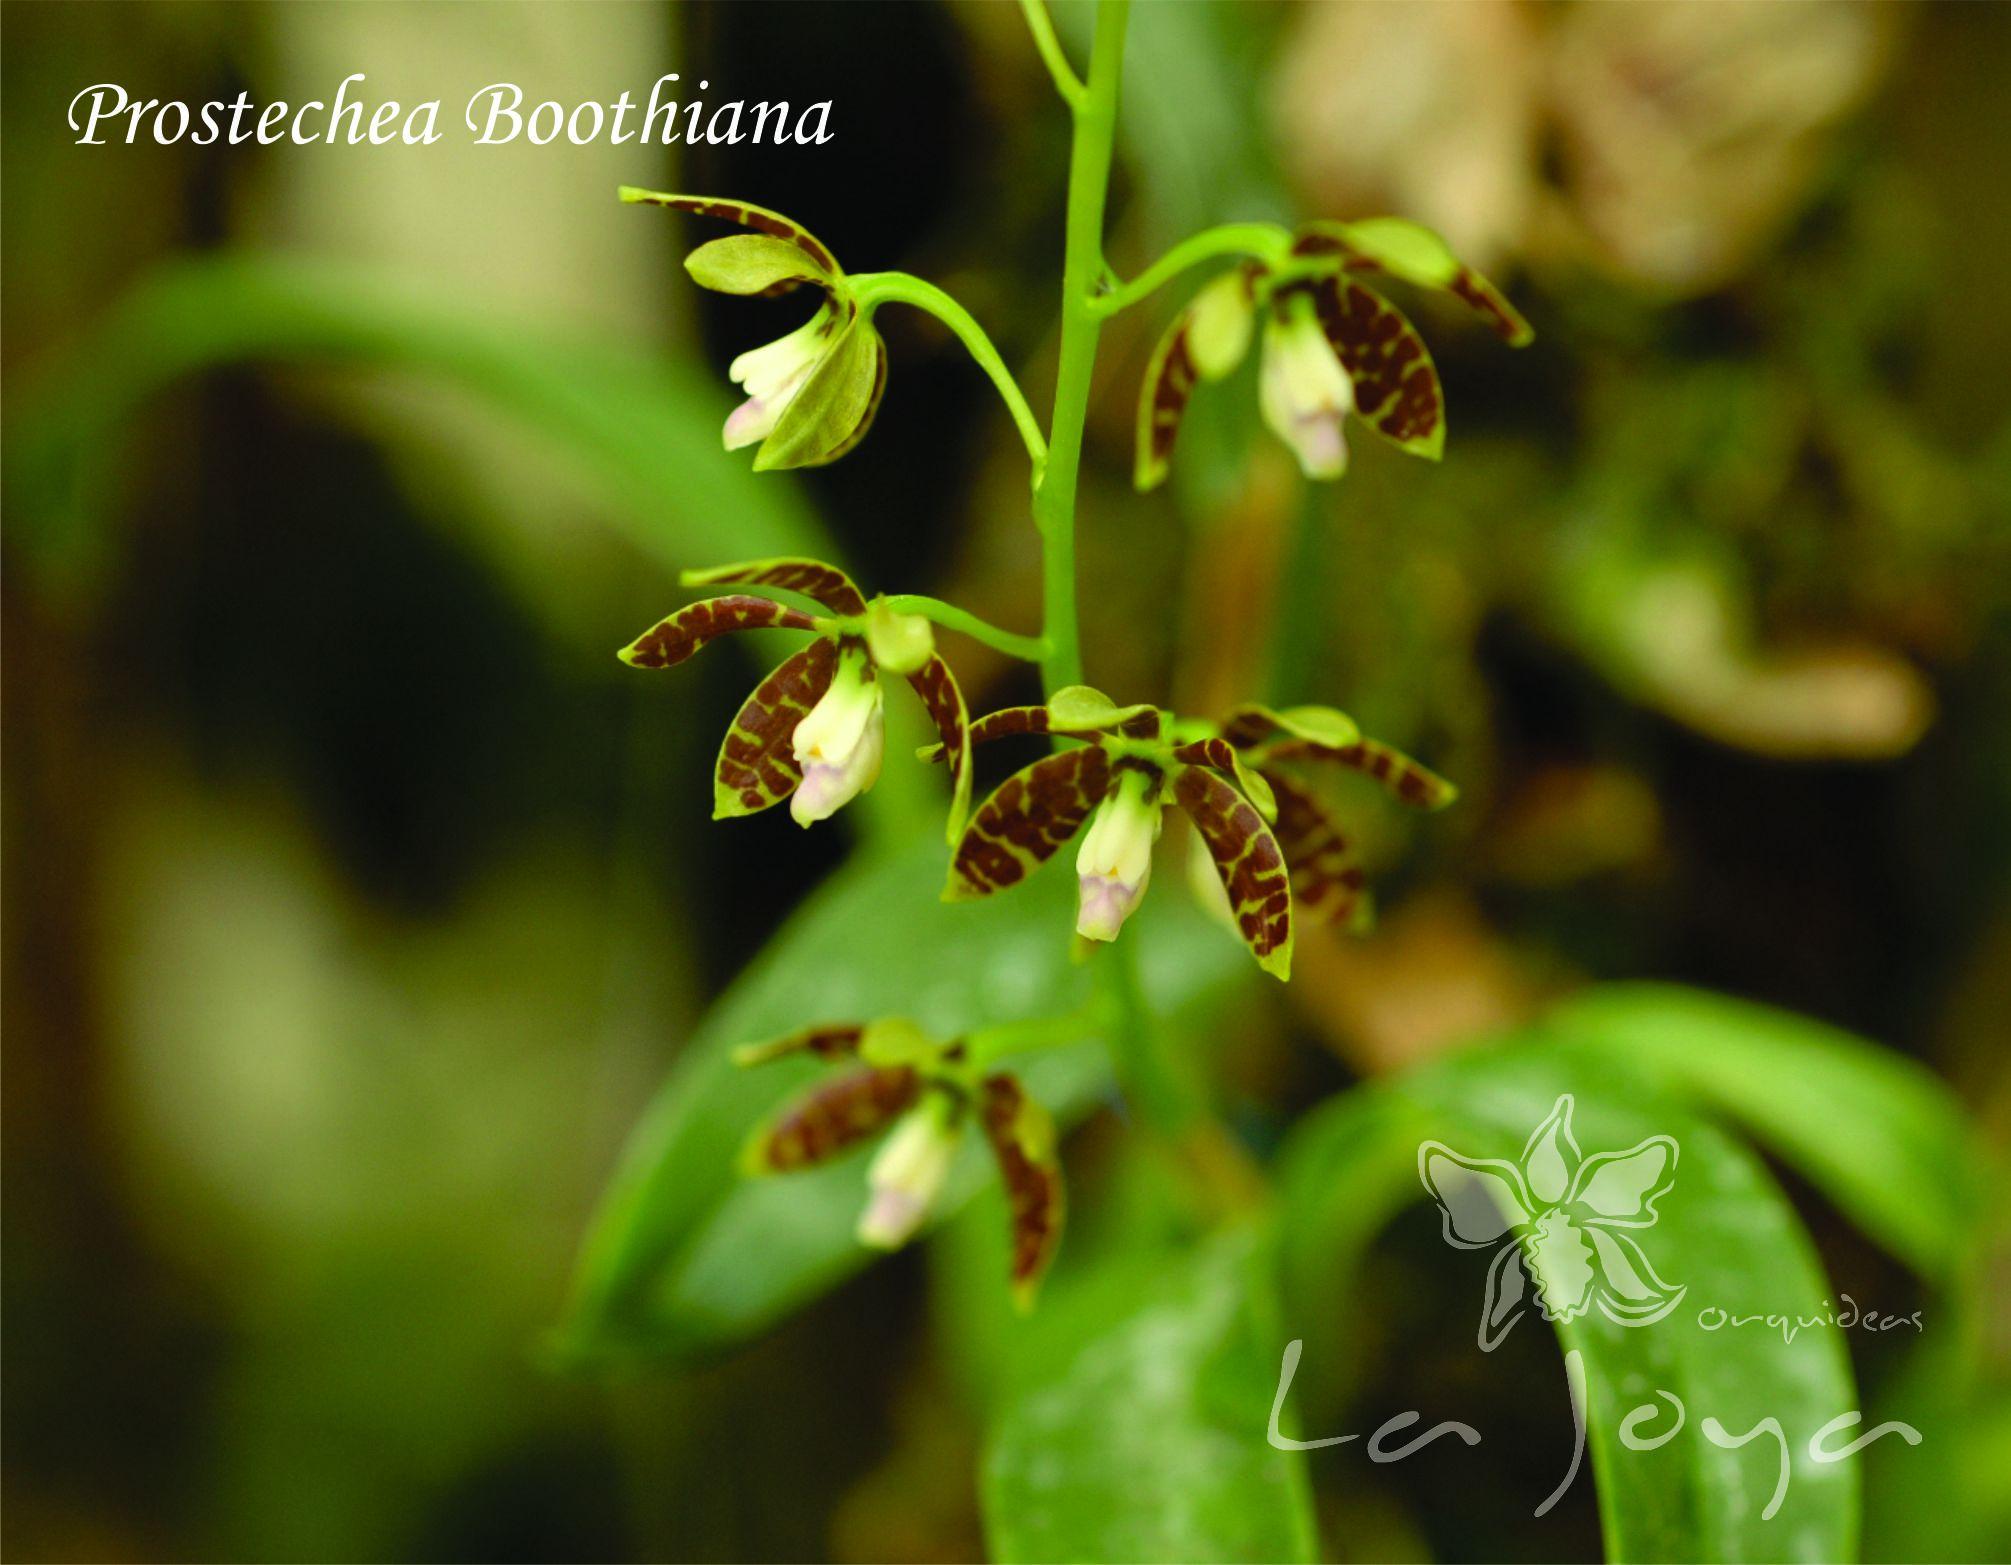 Prostechea Boothiana